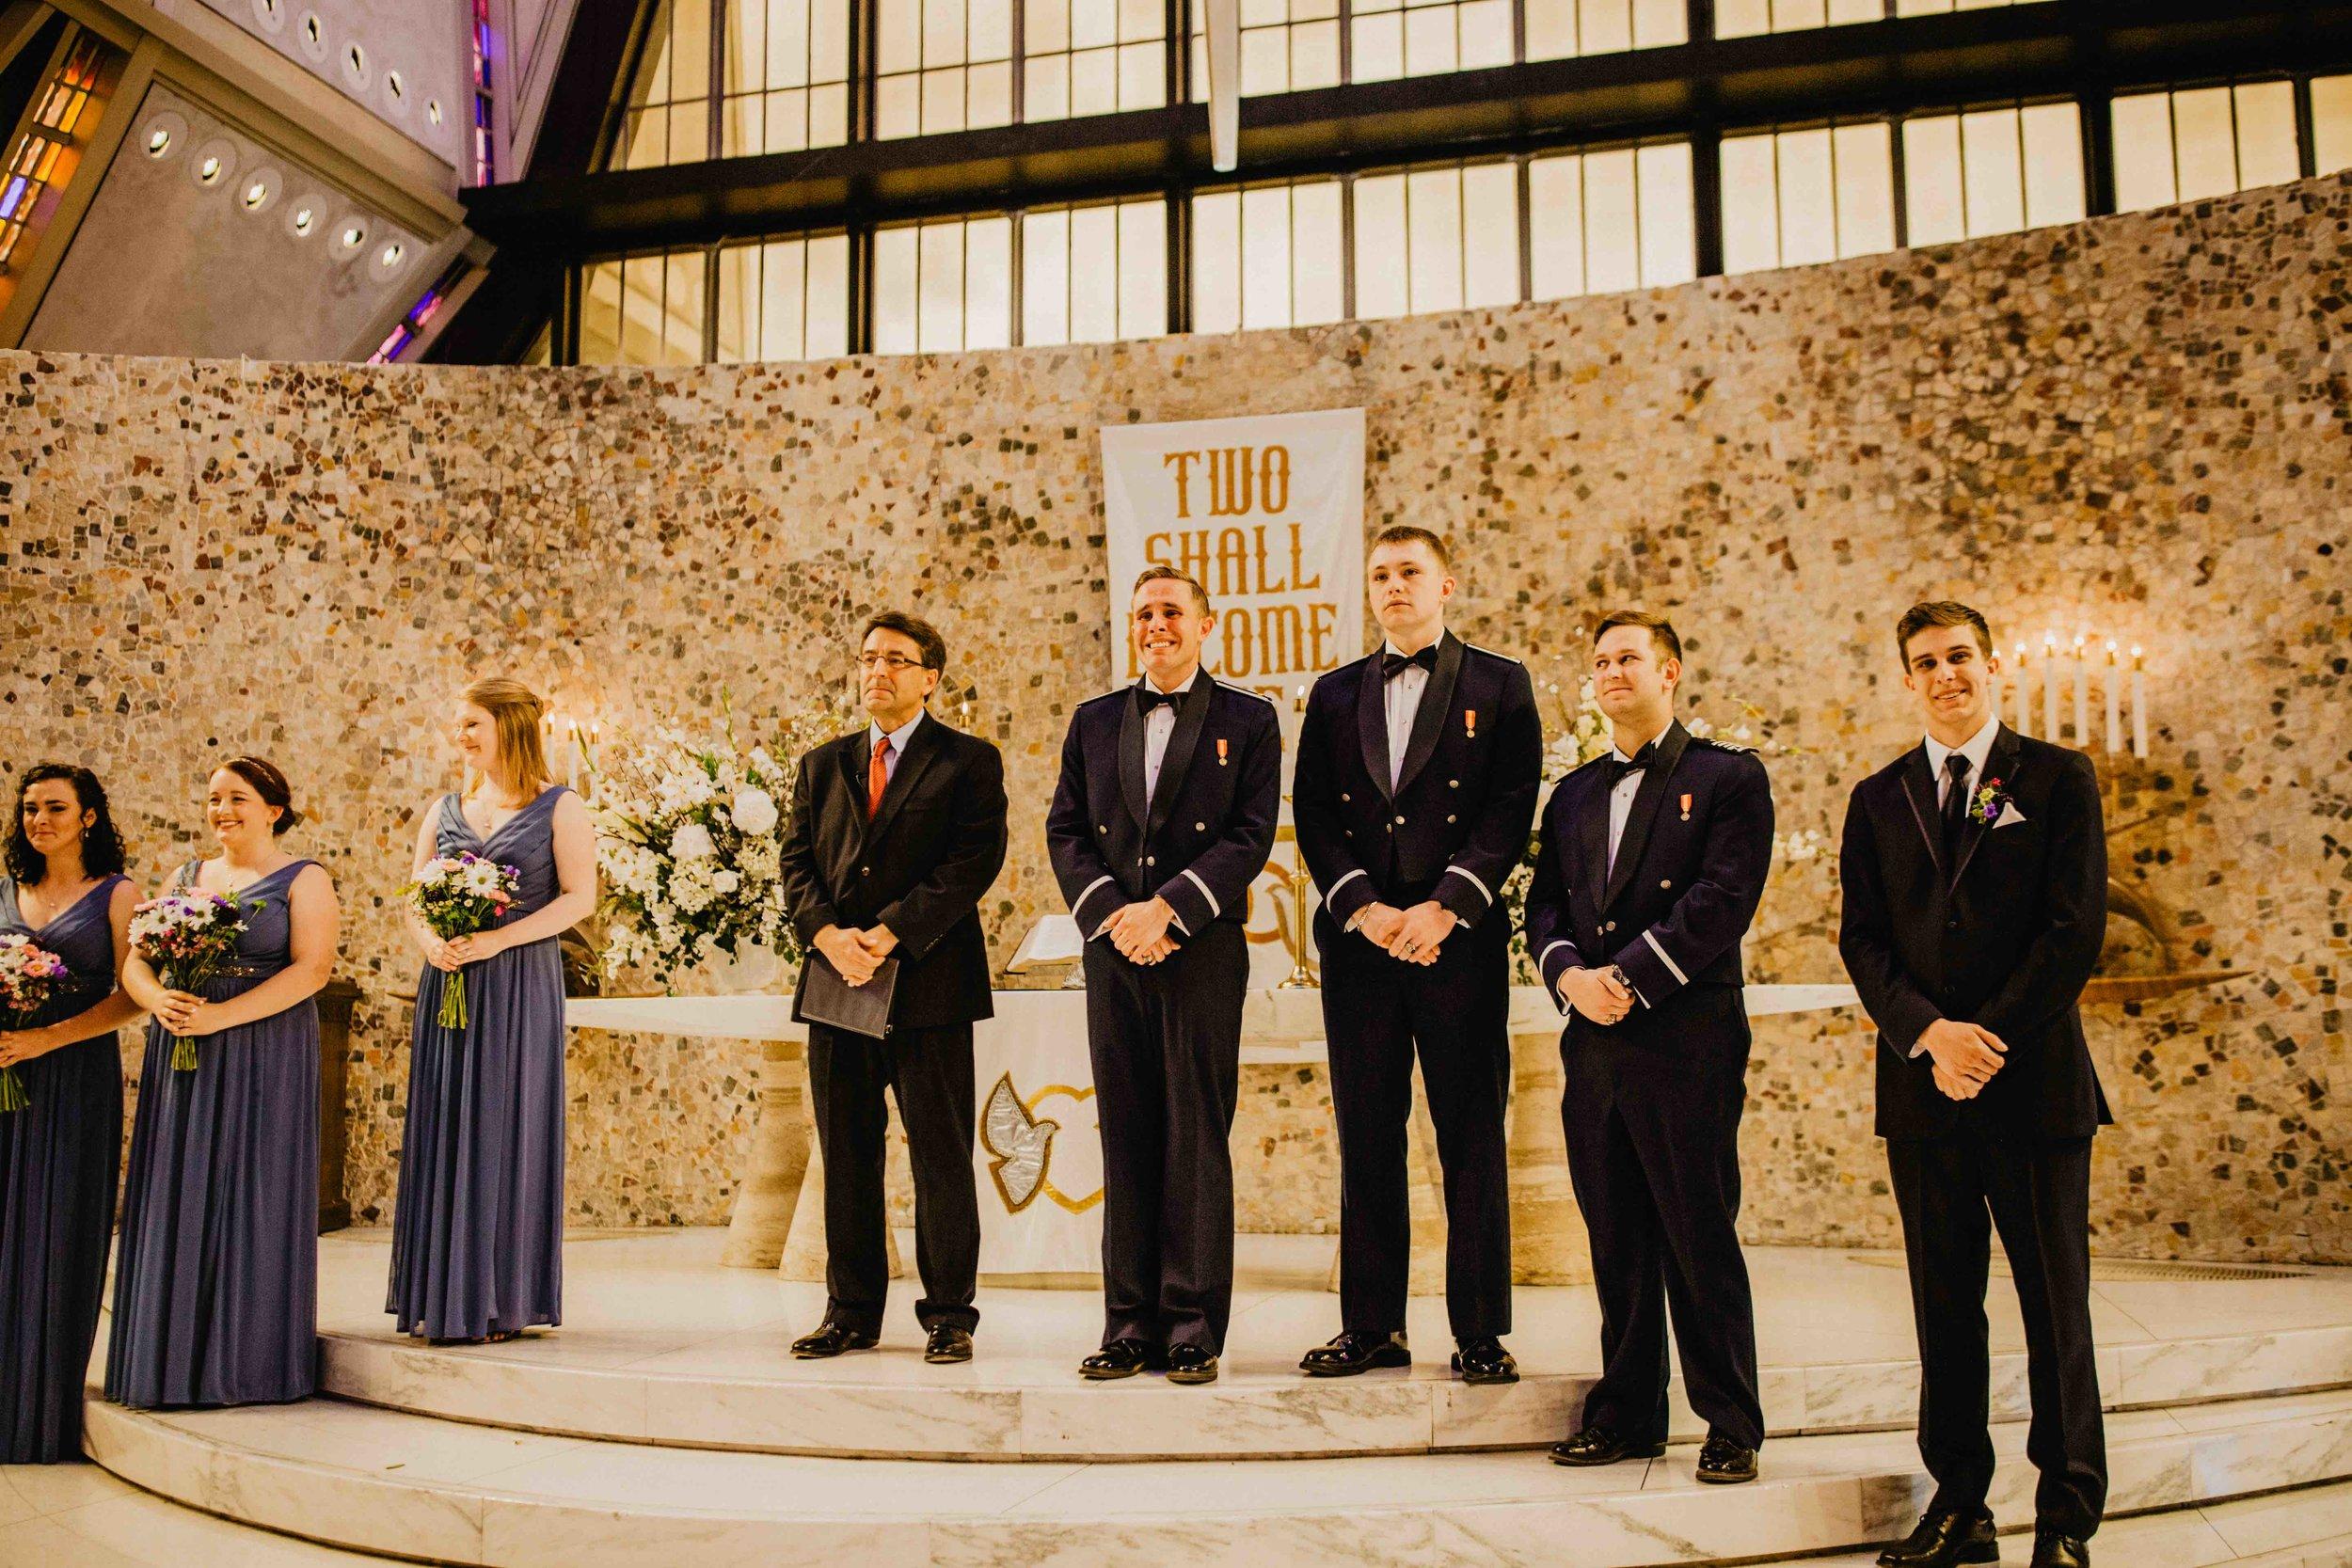 4W7A9708-colorado-wedding-photographer-denver-springs-vail--colorado-wedding-photographer-denver-springs-vail-.jpeg